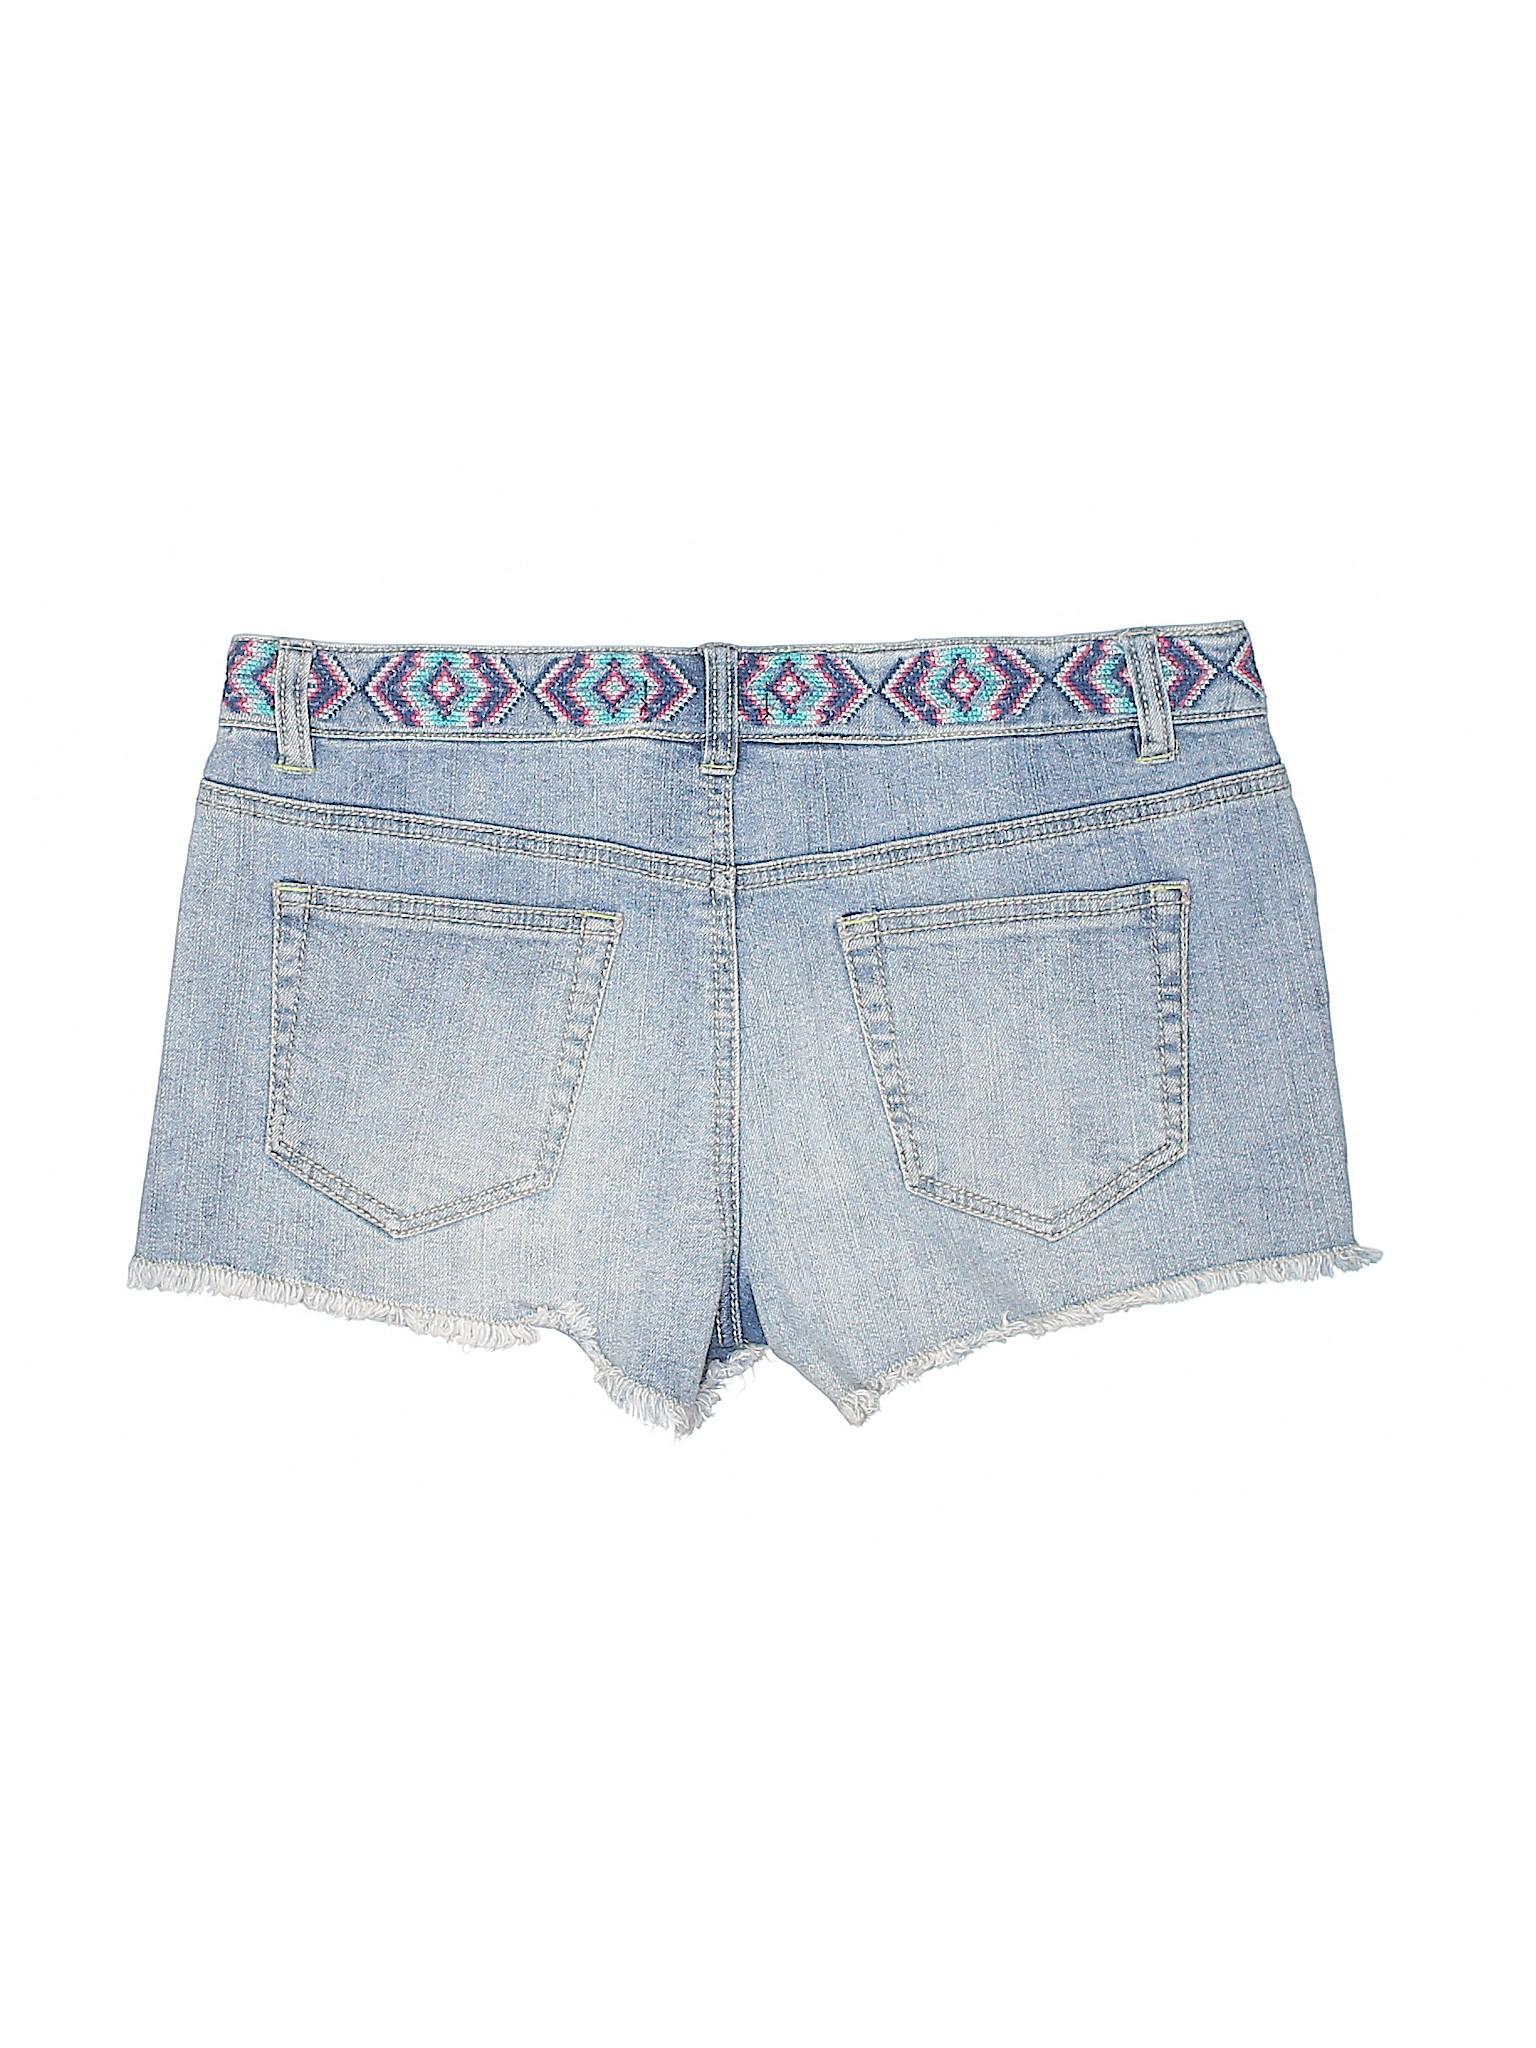 Denim Aqua Boutique Aqua Boutique Shorts Shorts Boutique Boutique Denim Denim Denim Aqua Aqua Shorts Shorts RTCBvq1B